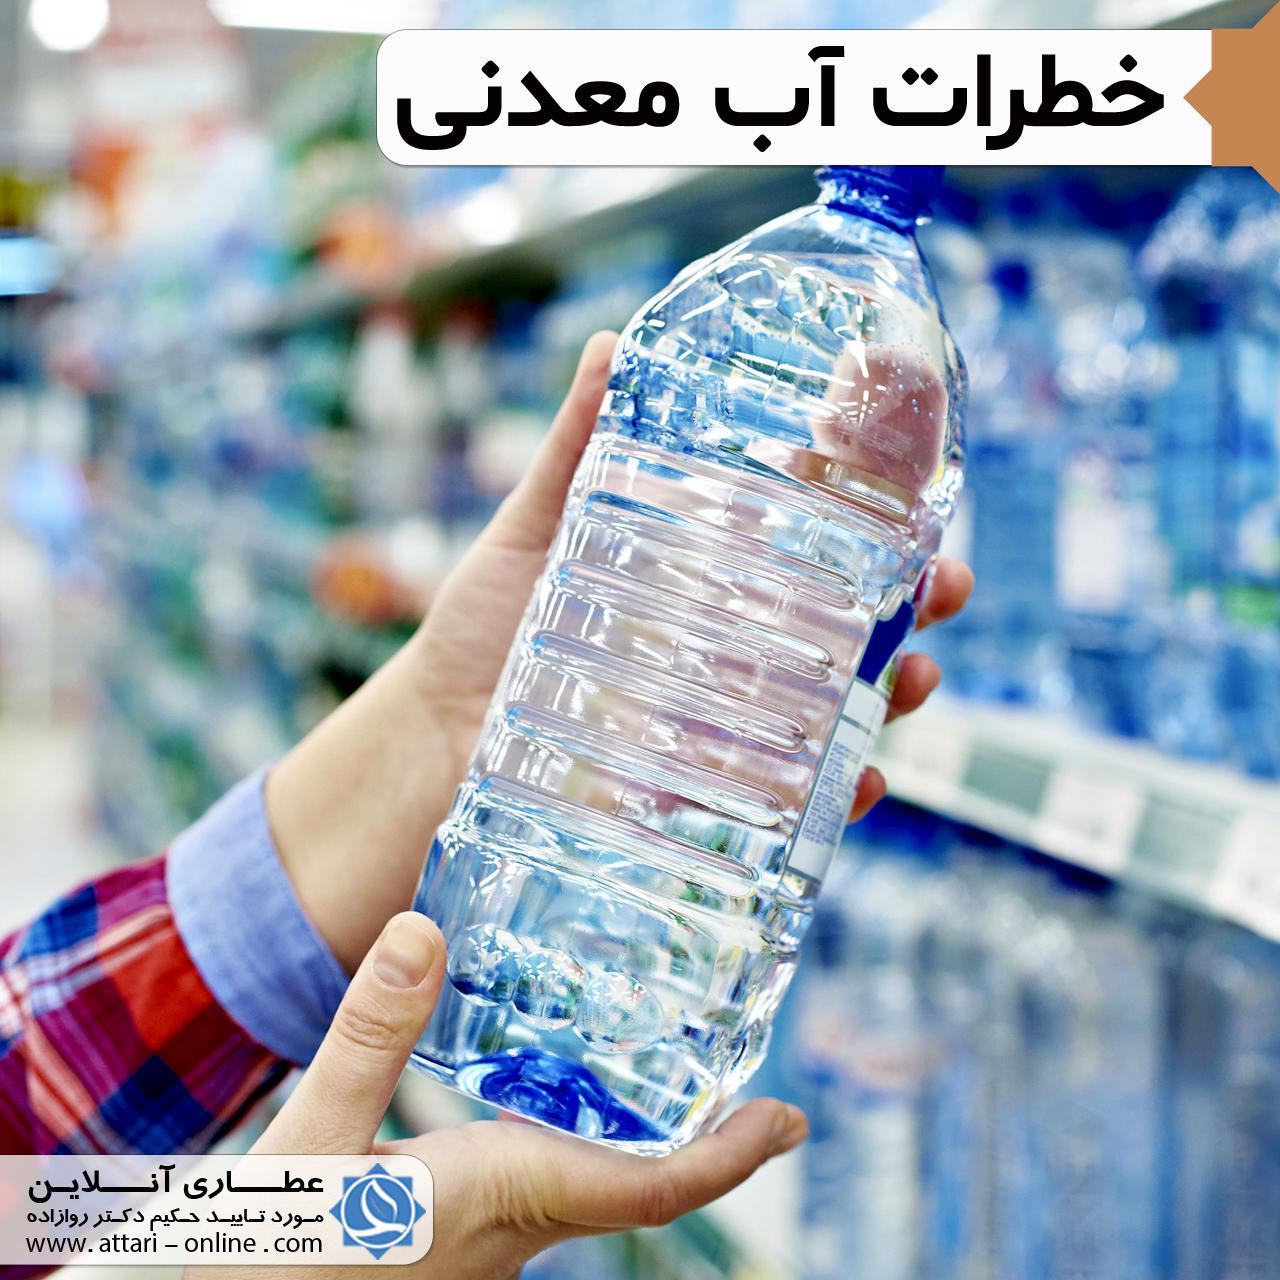 معدن ک خطرات استفاده از آب های معدنی